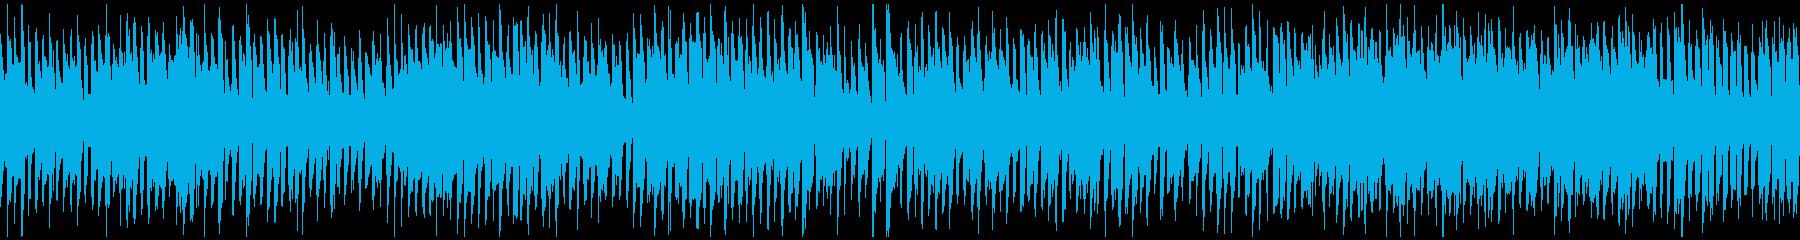 カートゥーンずっこけコメディ ※ループ版の再生済みの波形